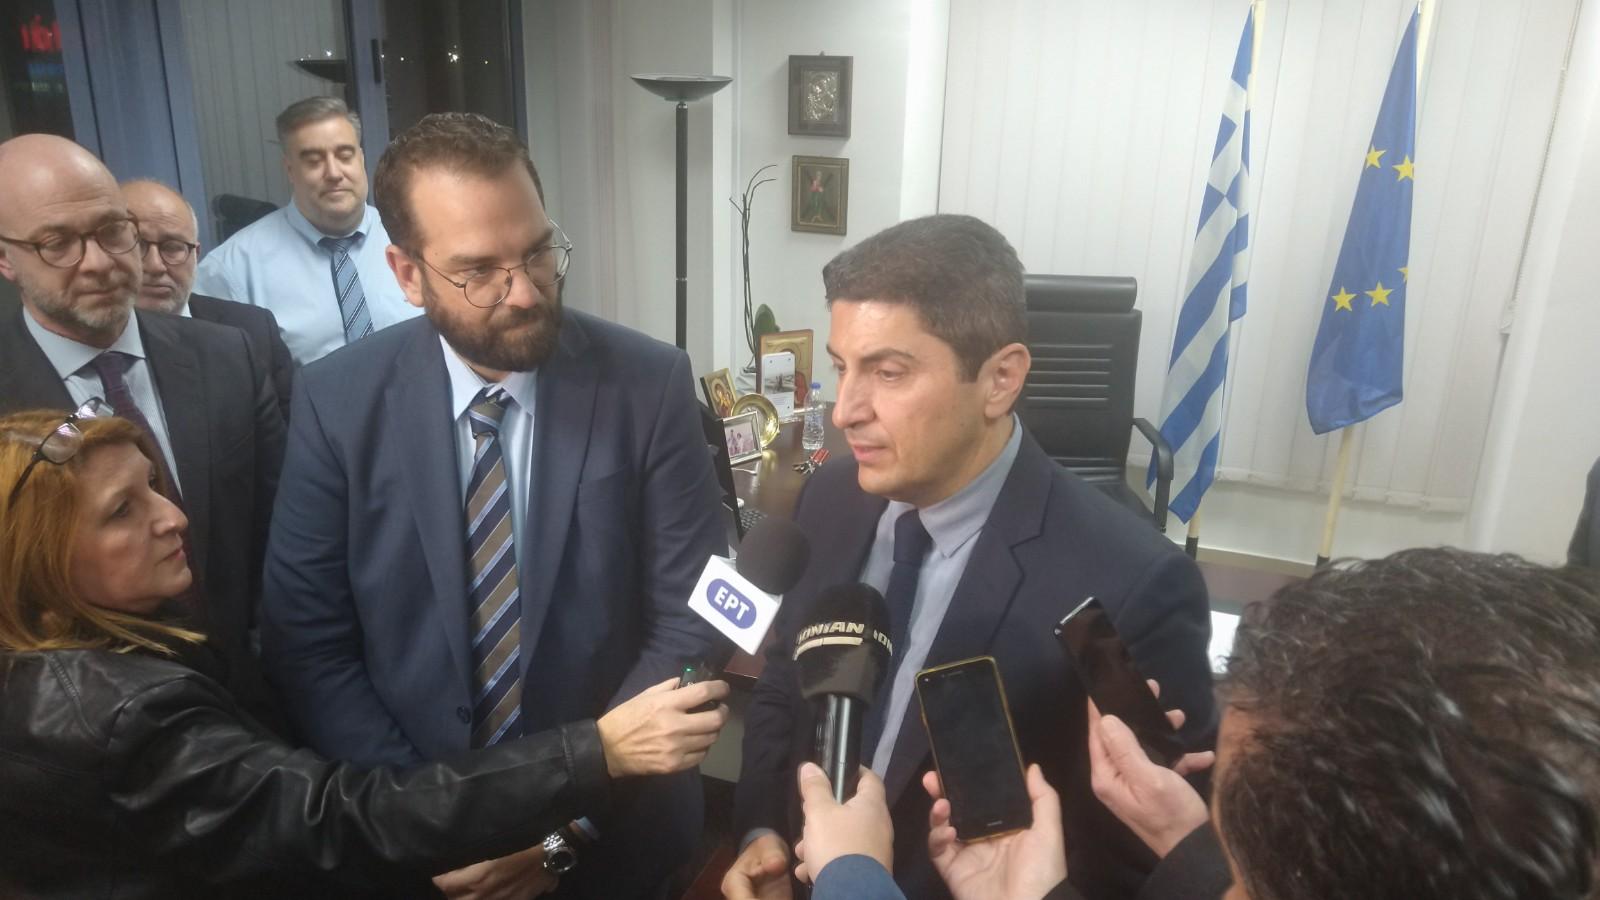 ΠΔΕ: Ανάπλαση των Αθλητικών Εγκαταστάσεων της Αγυιάς μέσα από συνεργασία του Υπουργείου Πολιτισμού και της Περιφέρειας Δυτικής Ελλάδας